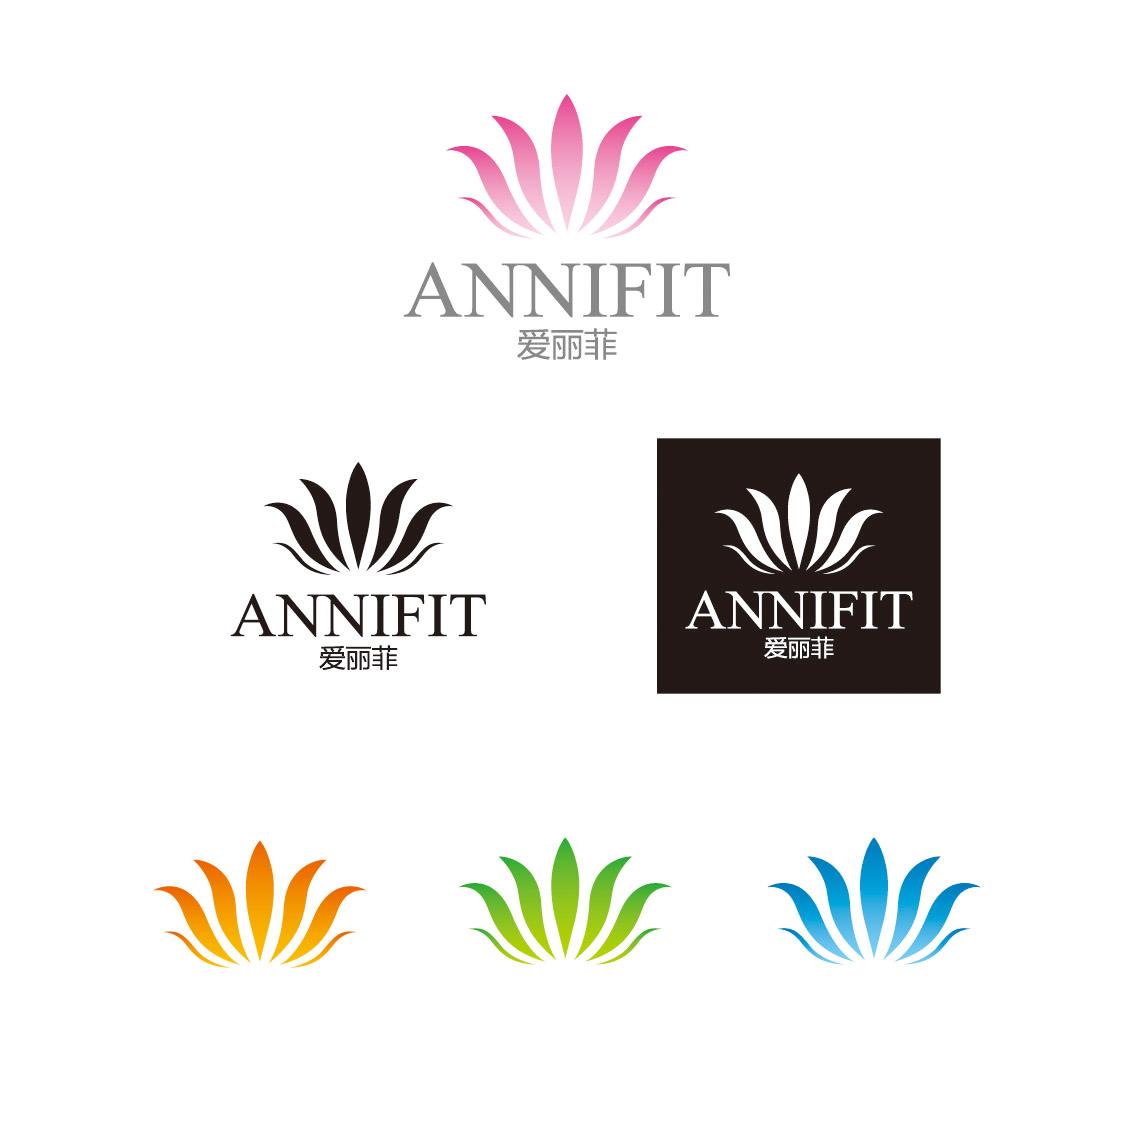 一款女性用品品牌logo提案,客户制定要百合花的图案图片